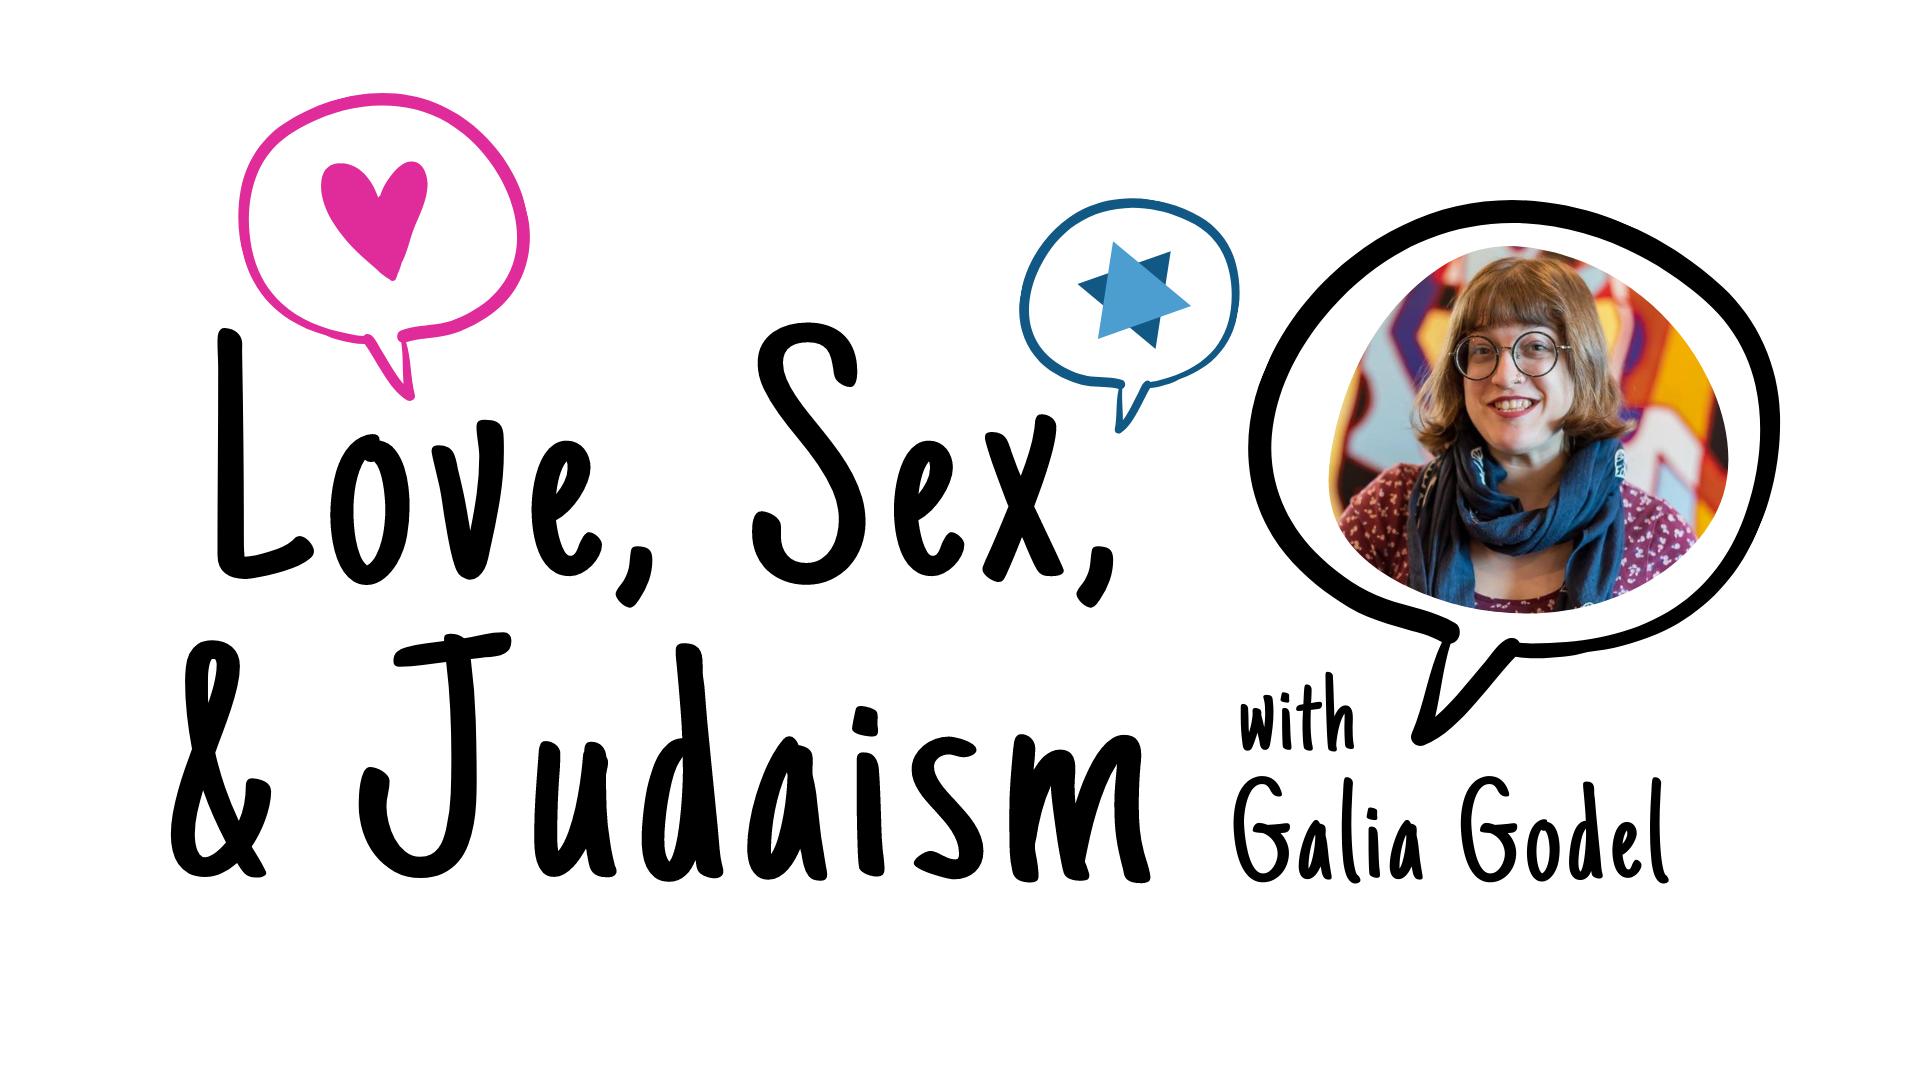 Love, Sex & Judaism